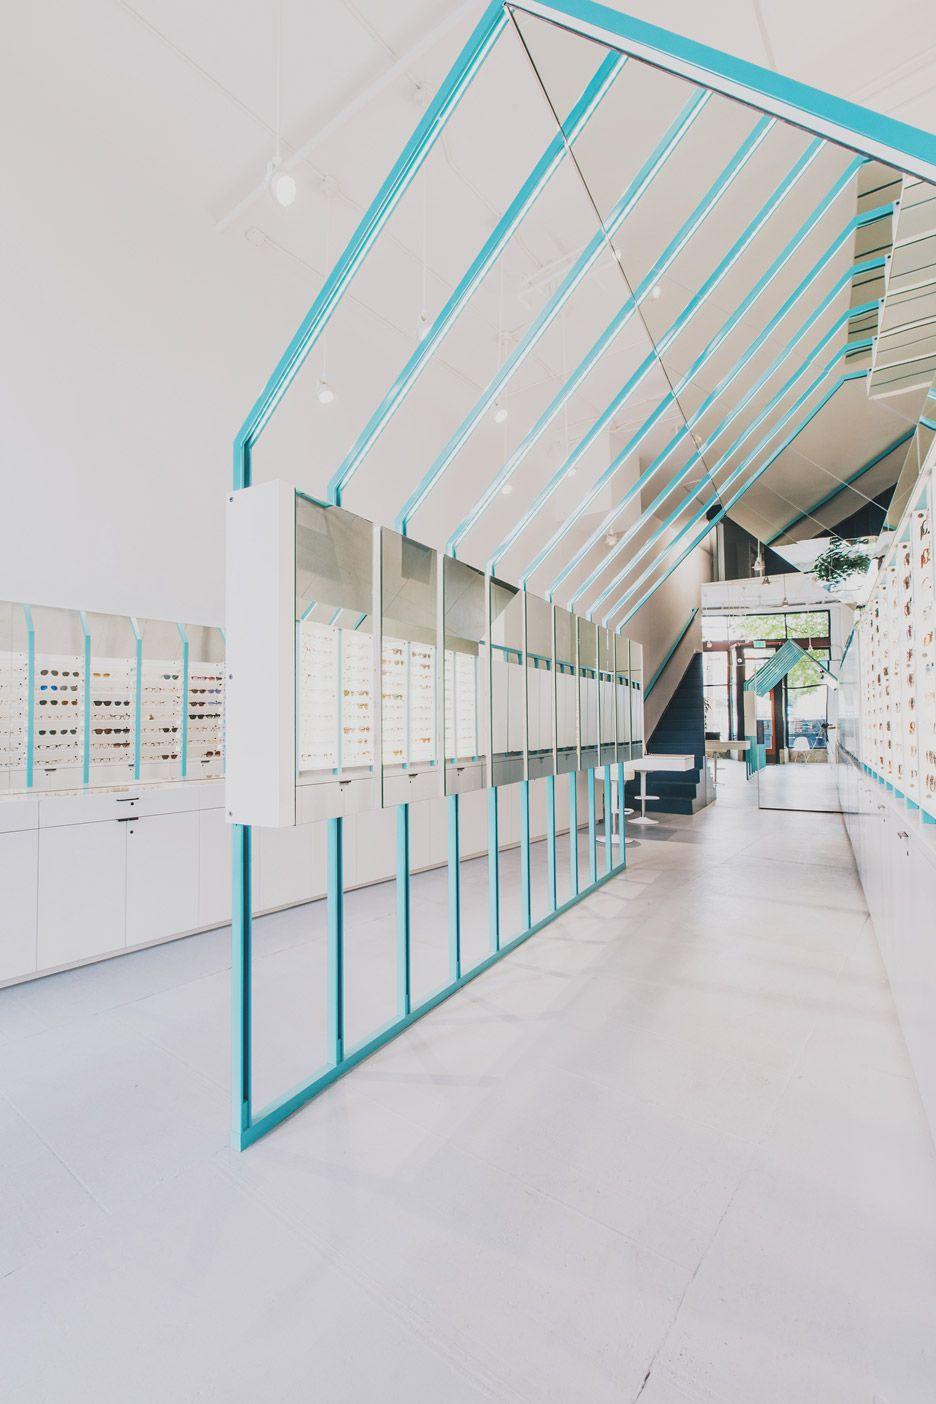 Exhibition Stand Design Best Practice : Eye eye by best practice stand exhibition pinterest retail